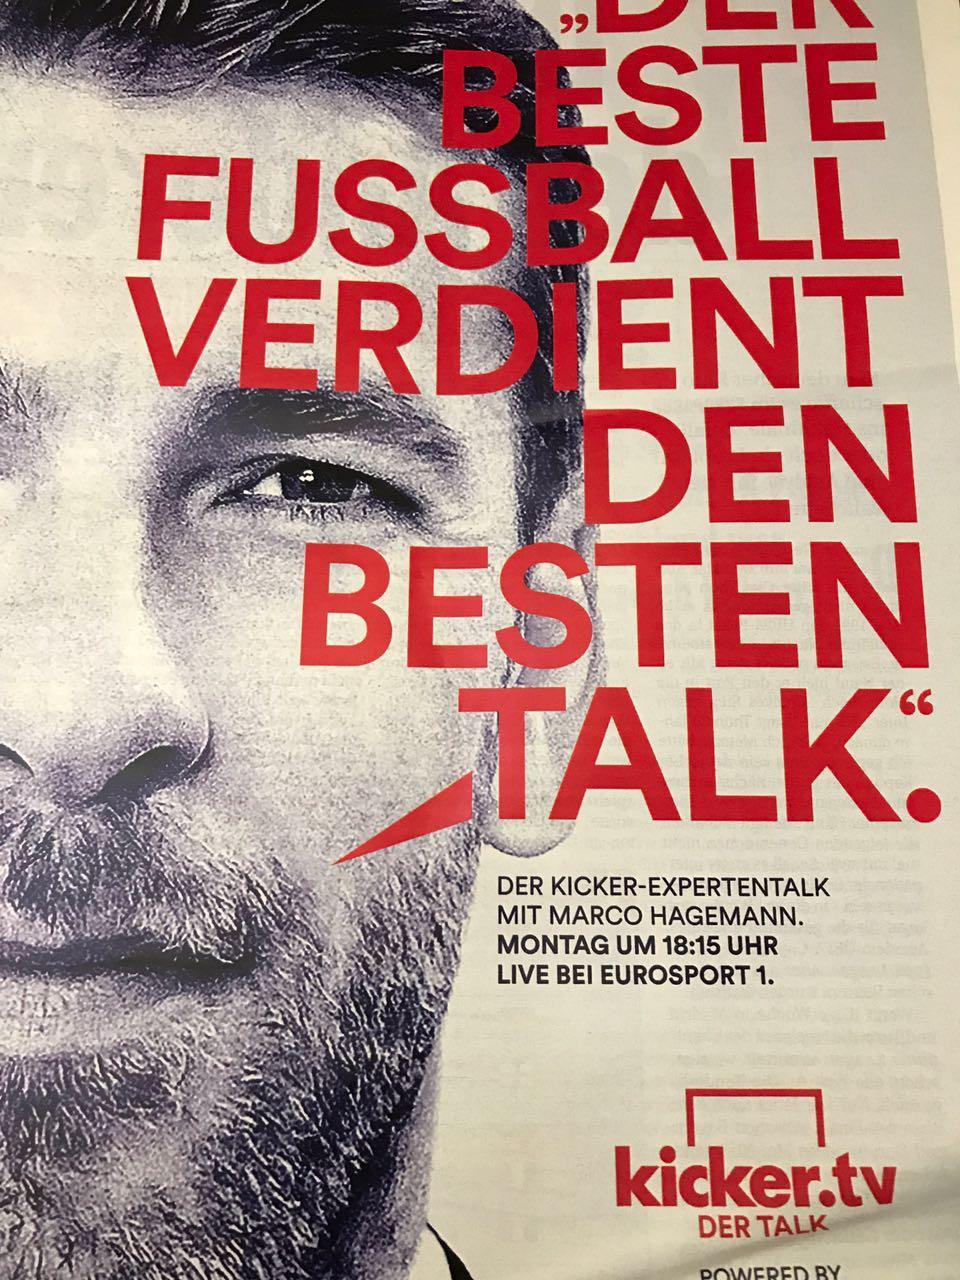 KickerTV – Der Talk vom 08.05. bei Eurosport